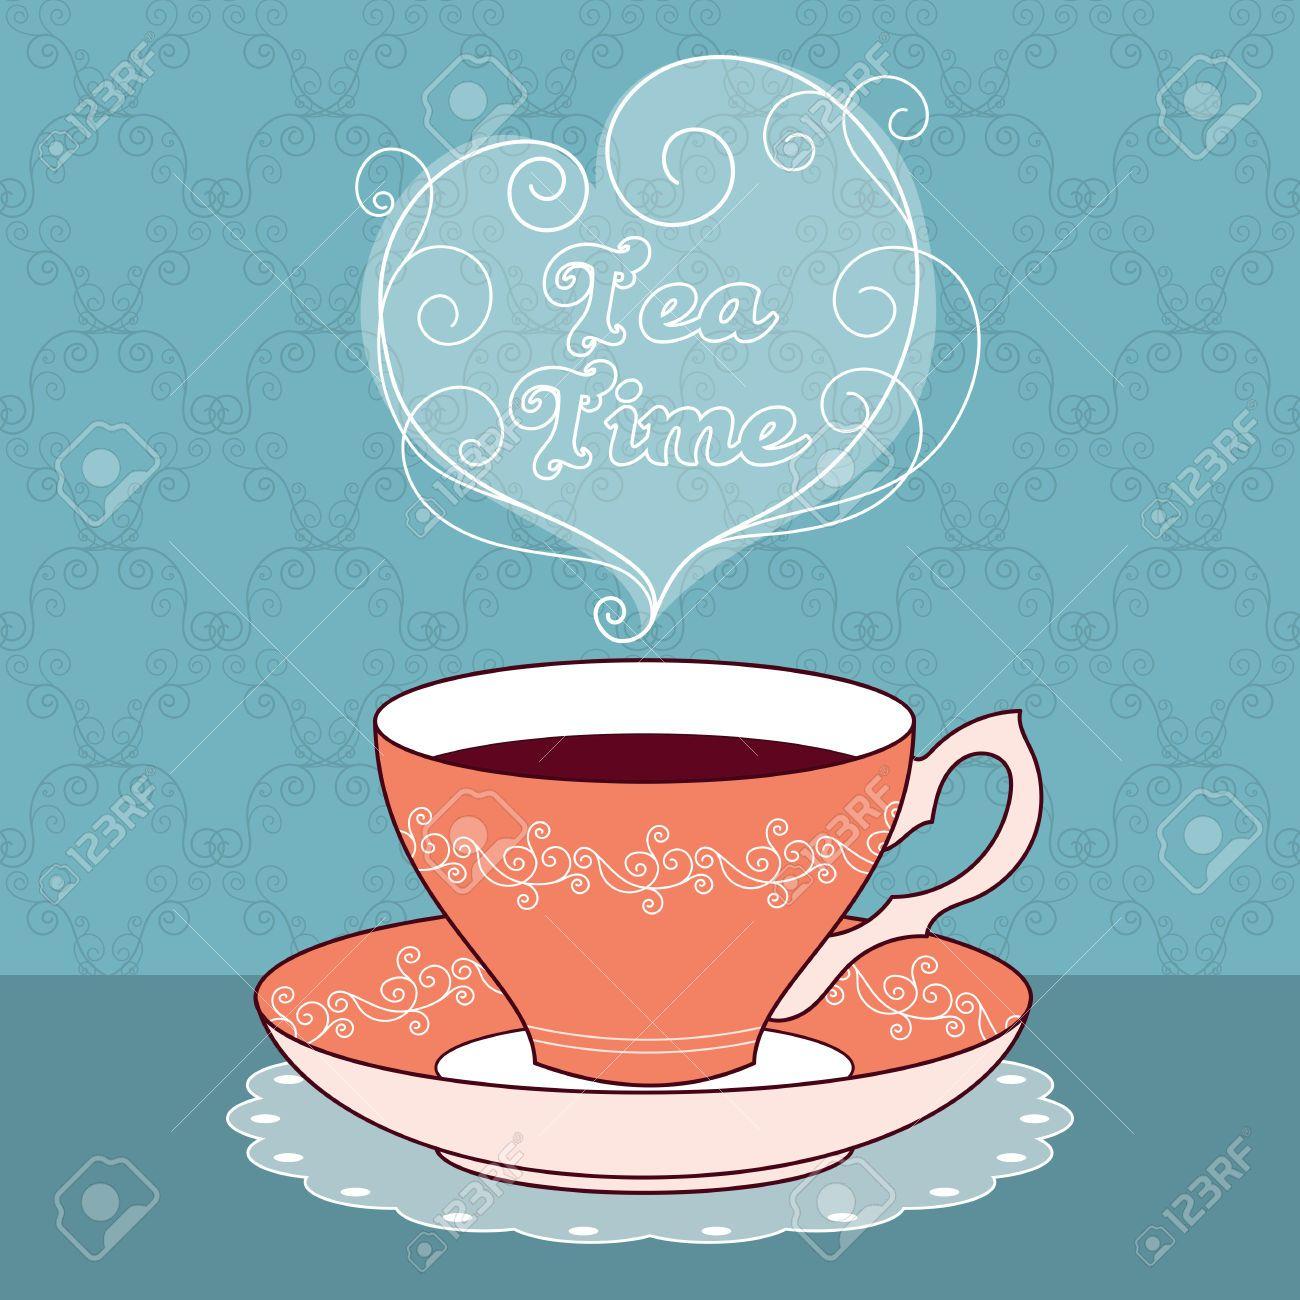 Stock Vector in 2020 Tea cups, Vintage tea, Tea